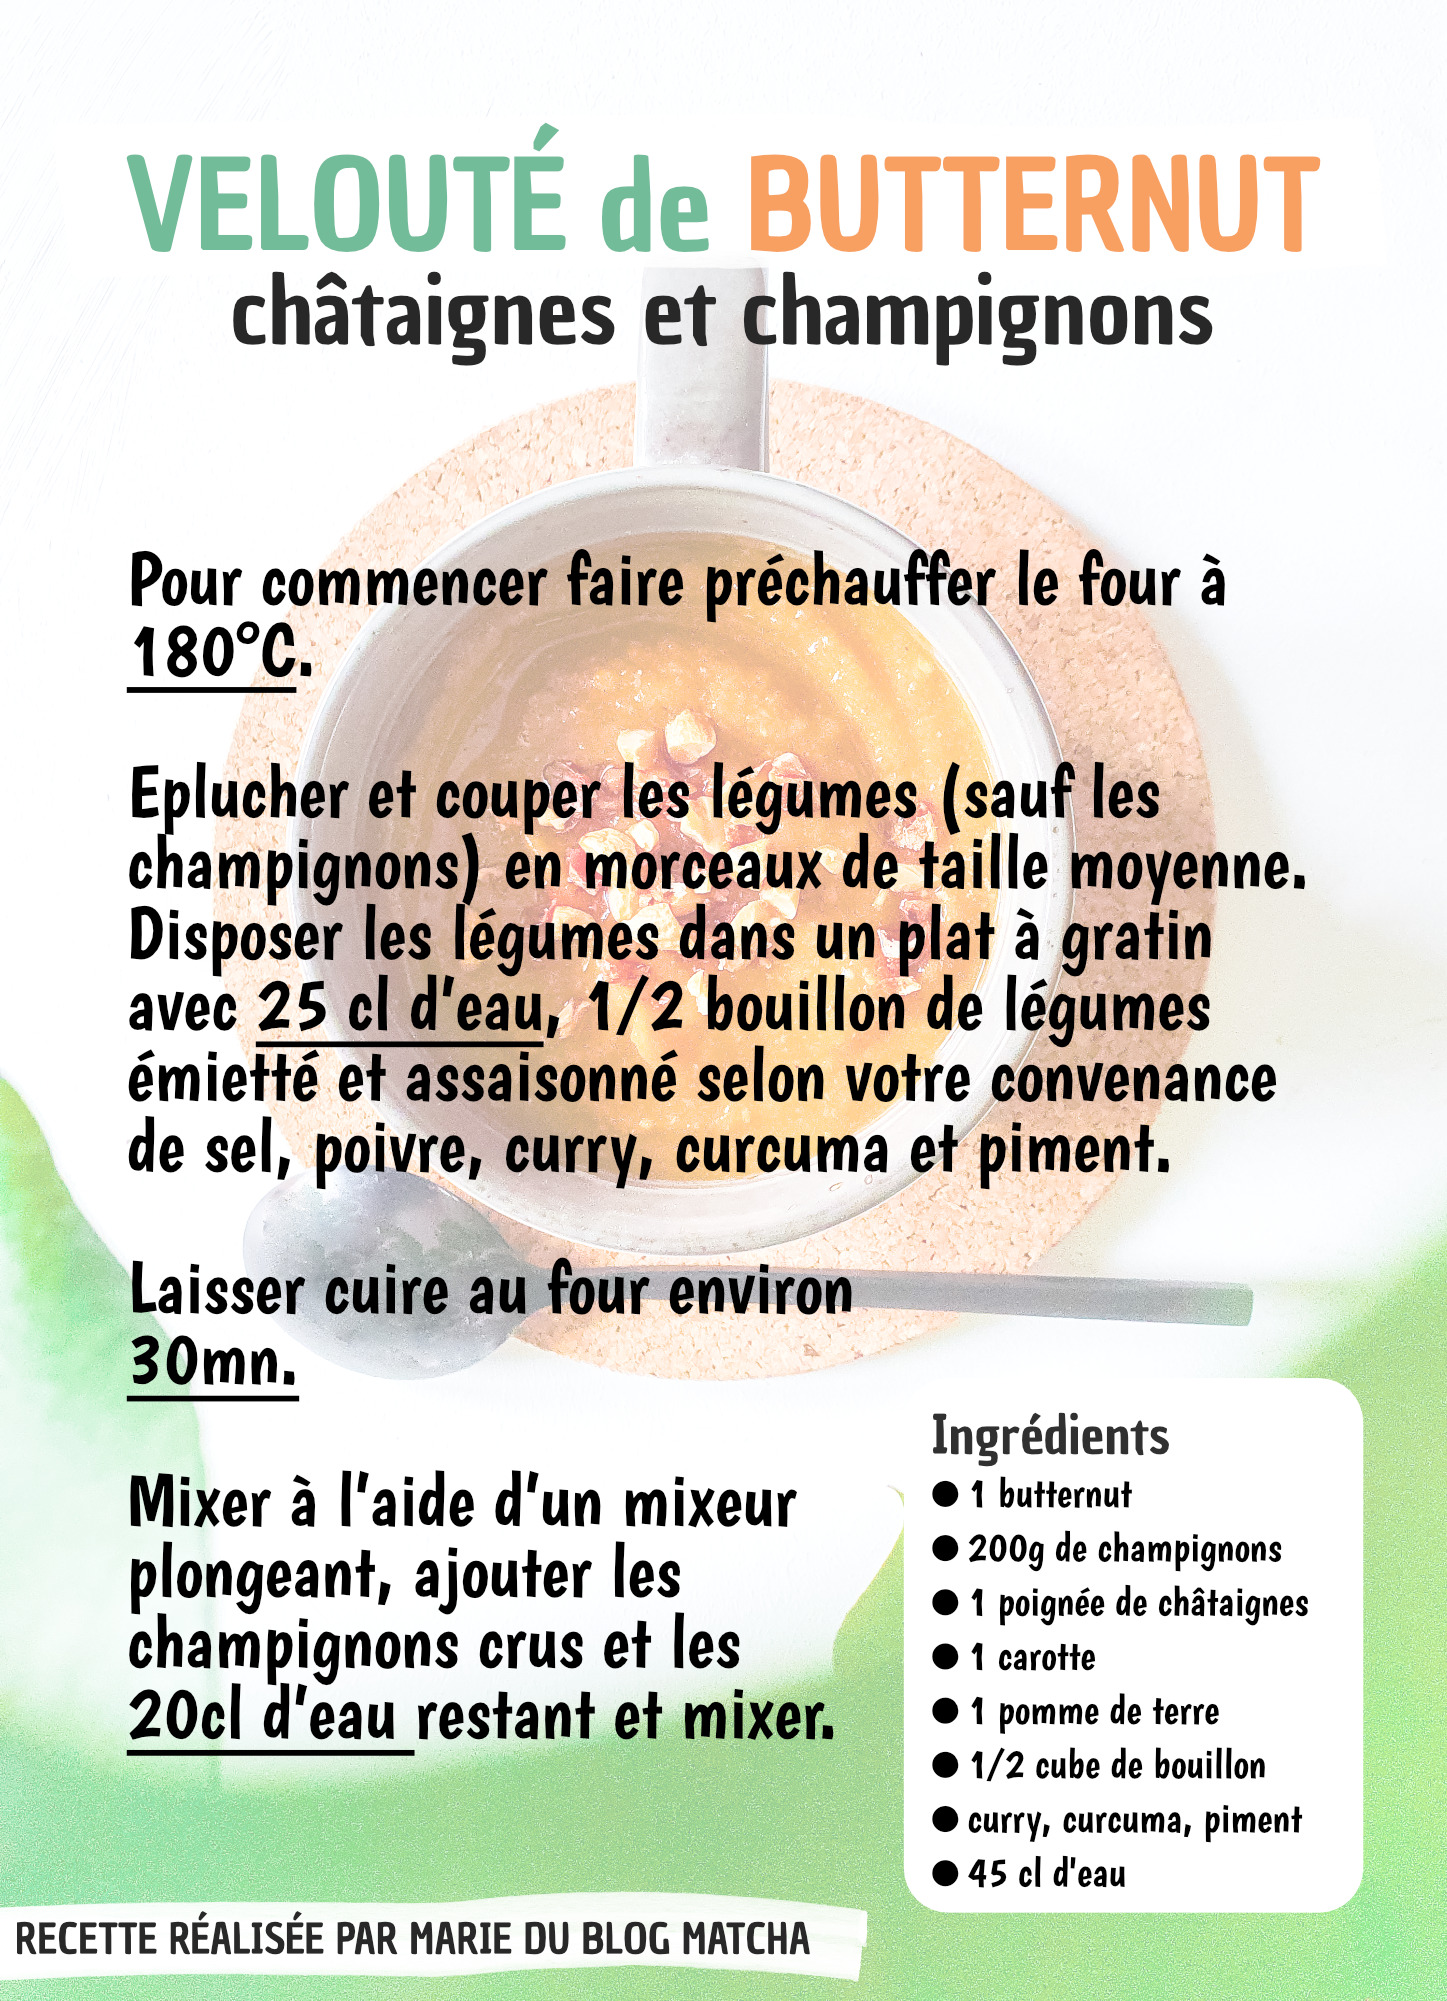 Velouté-butterneut-matcha-mobile